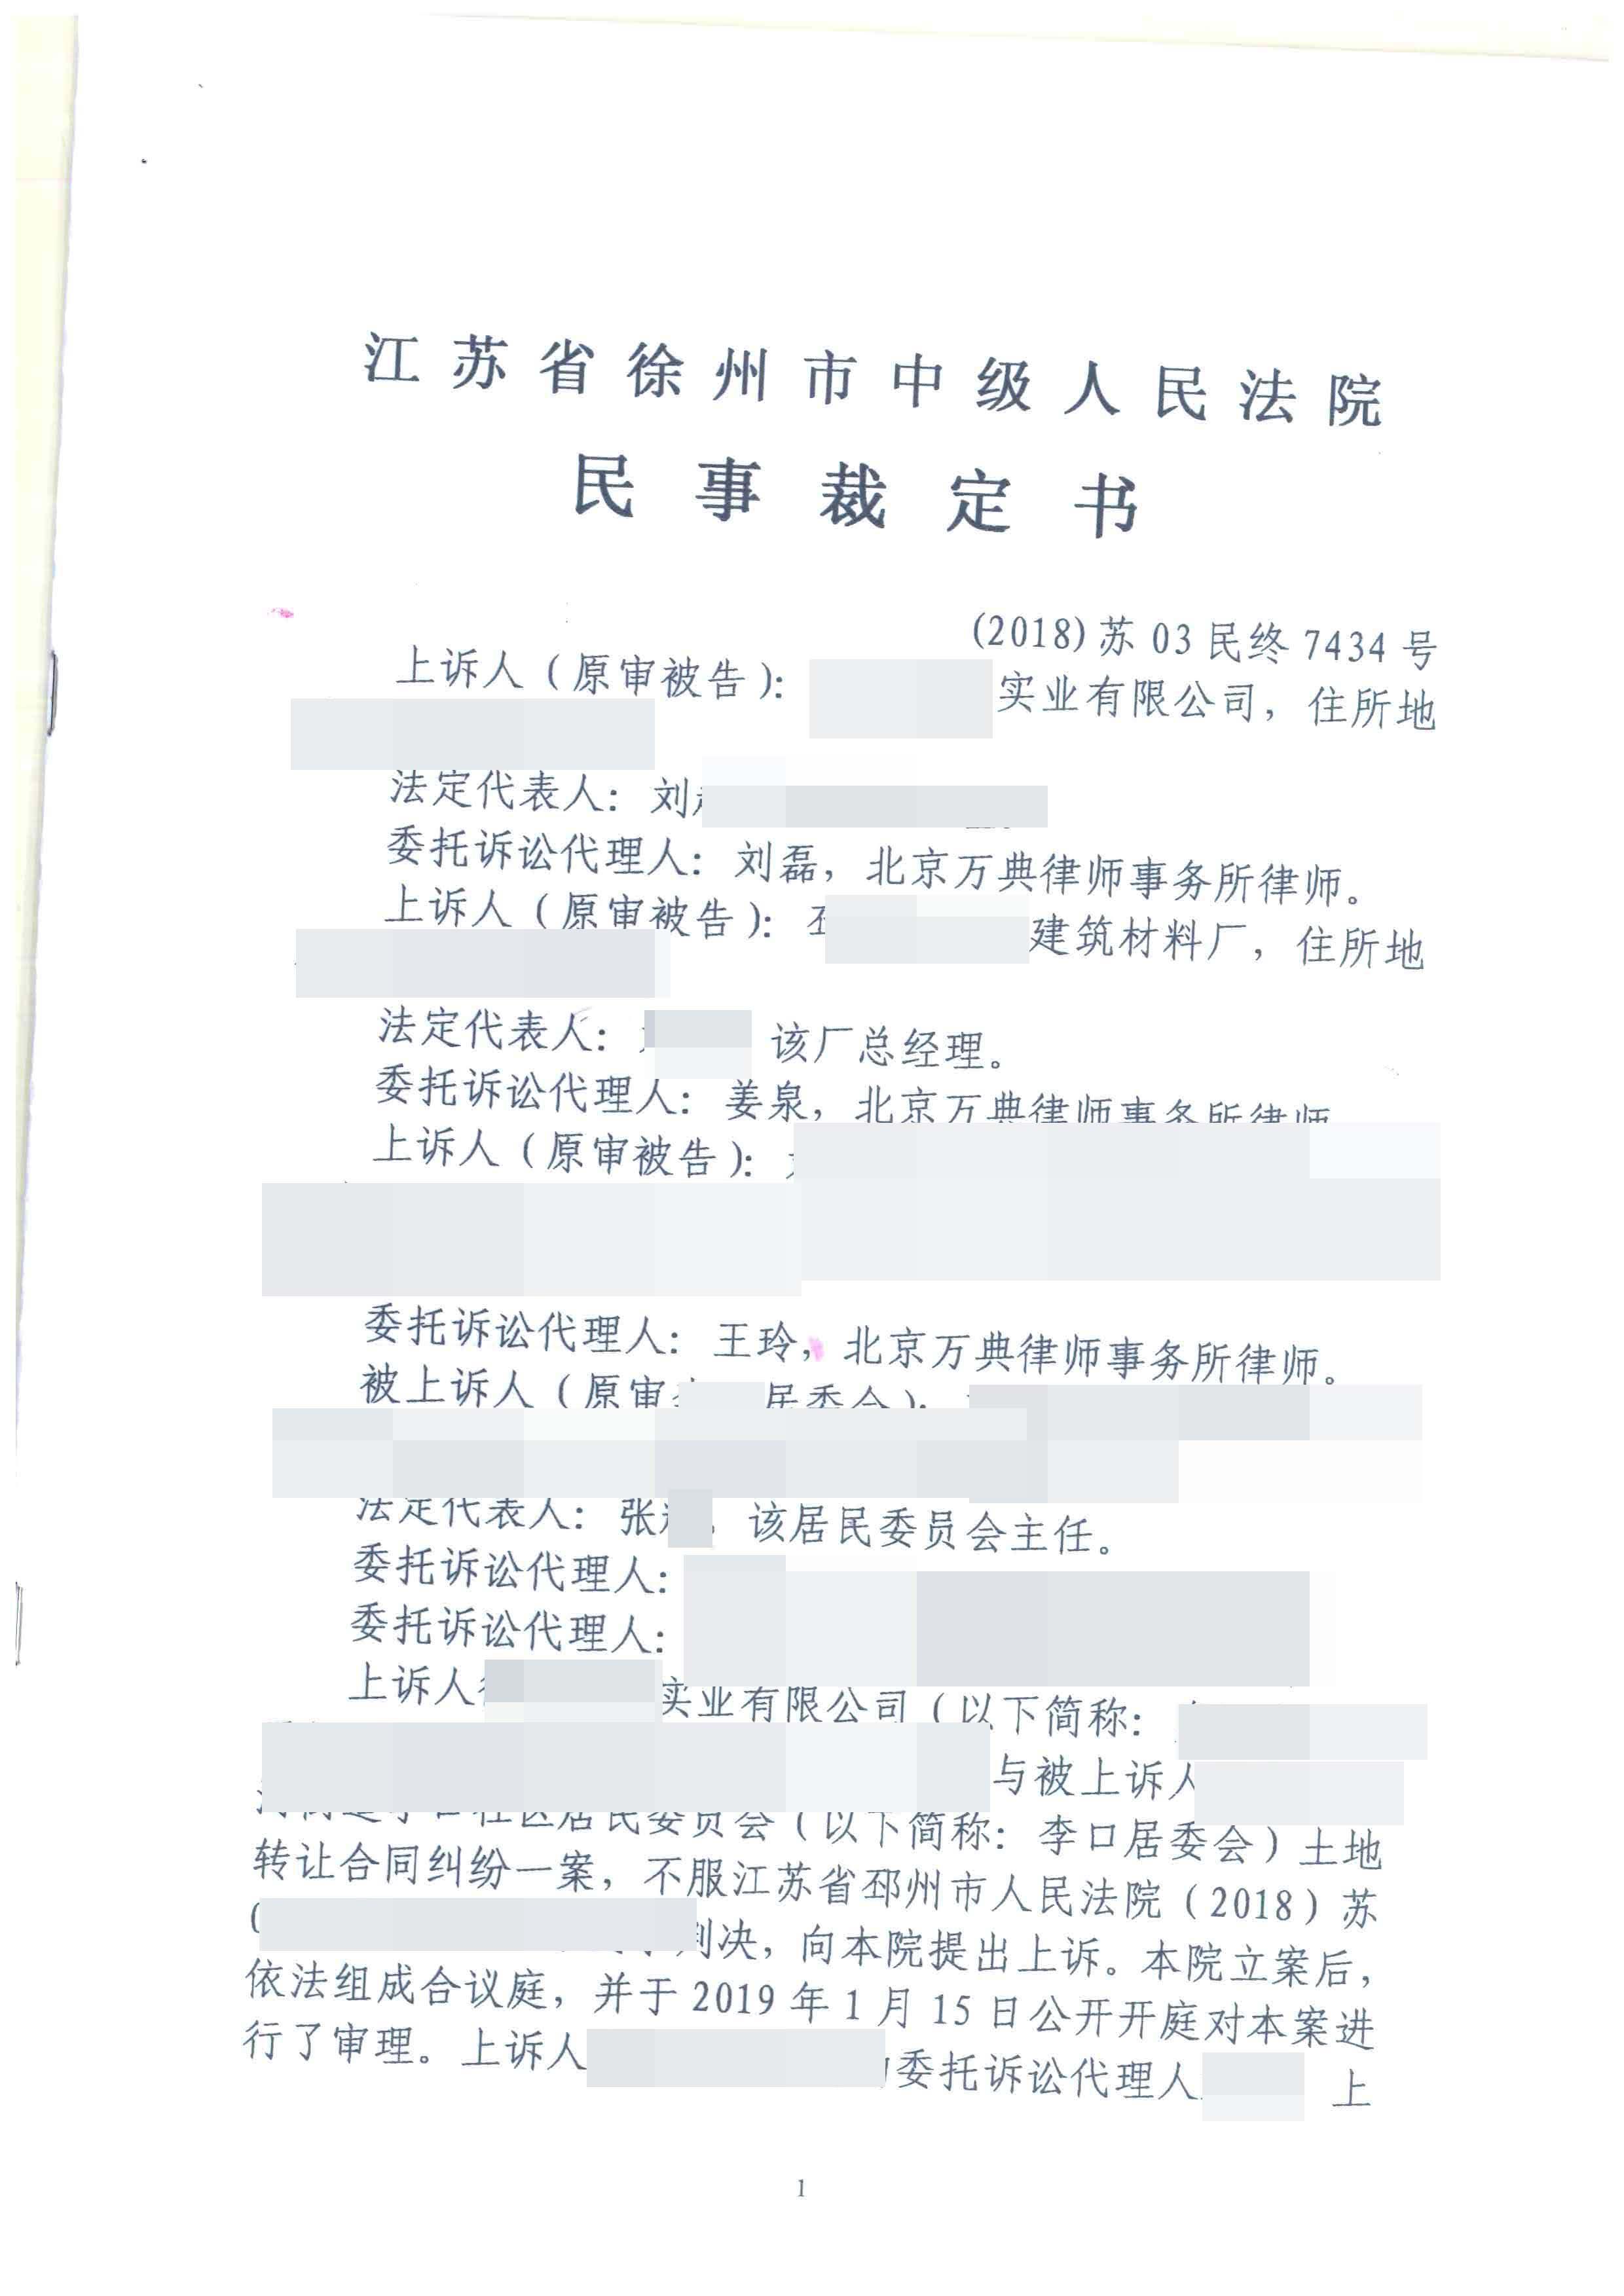 江苏徐州:逼迁新手段,不服屡次败诉,认定15年前土地转让合同无效!